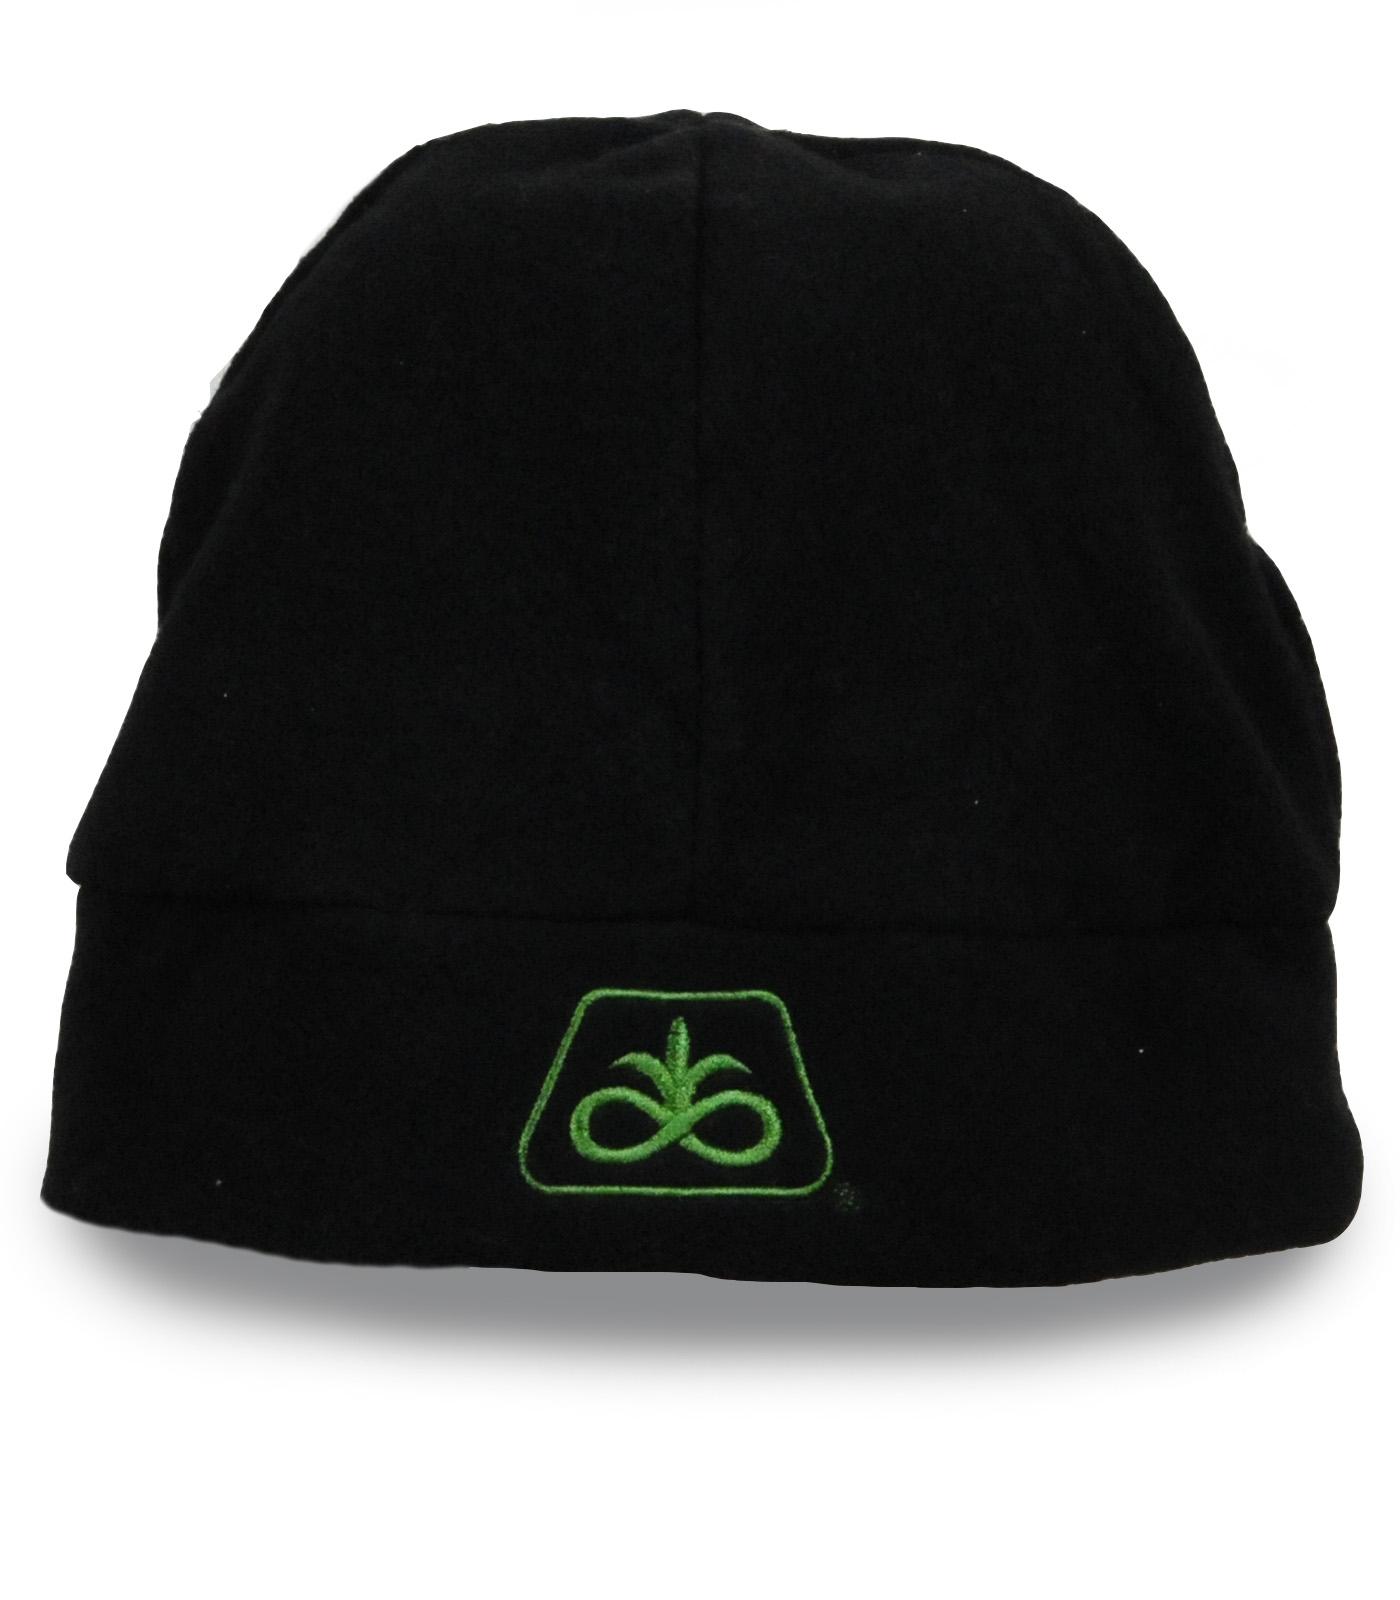 Брендовые шапки для парней: качество, скидки, доставка